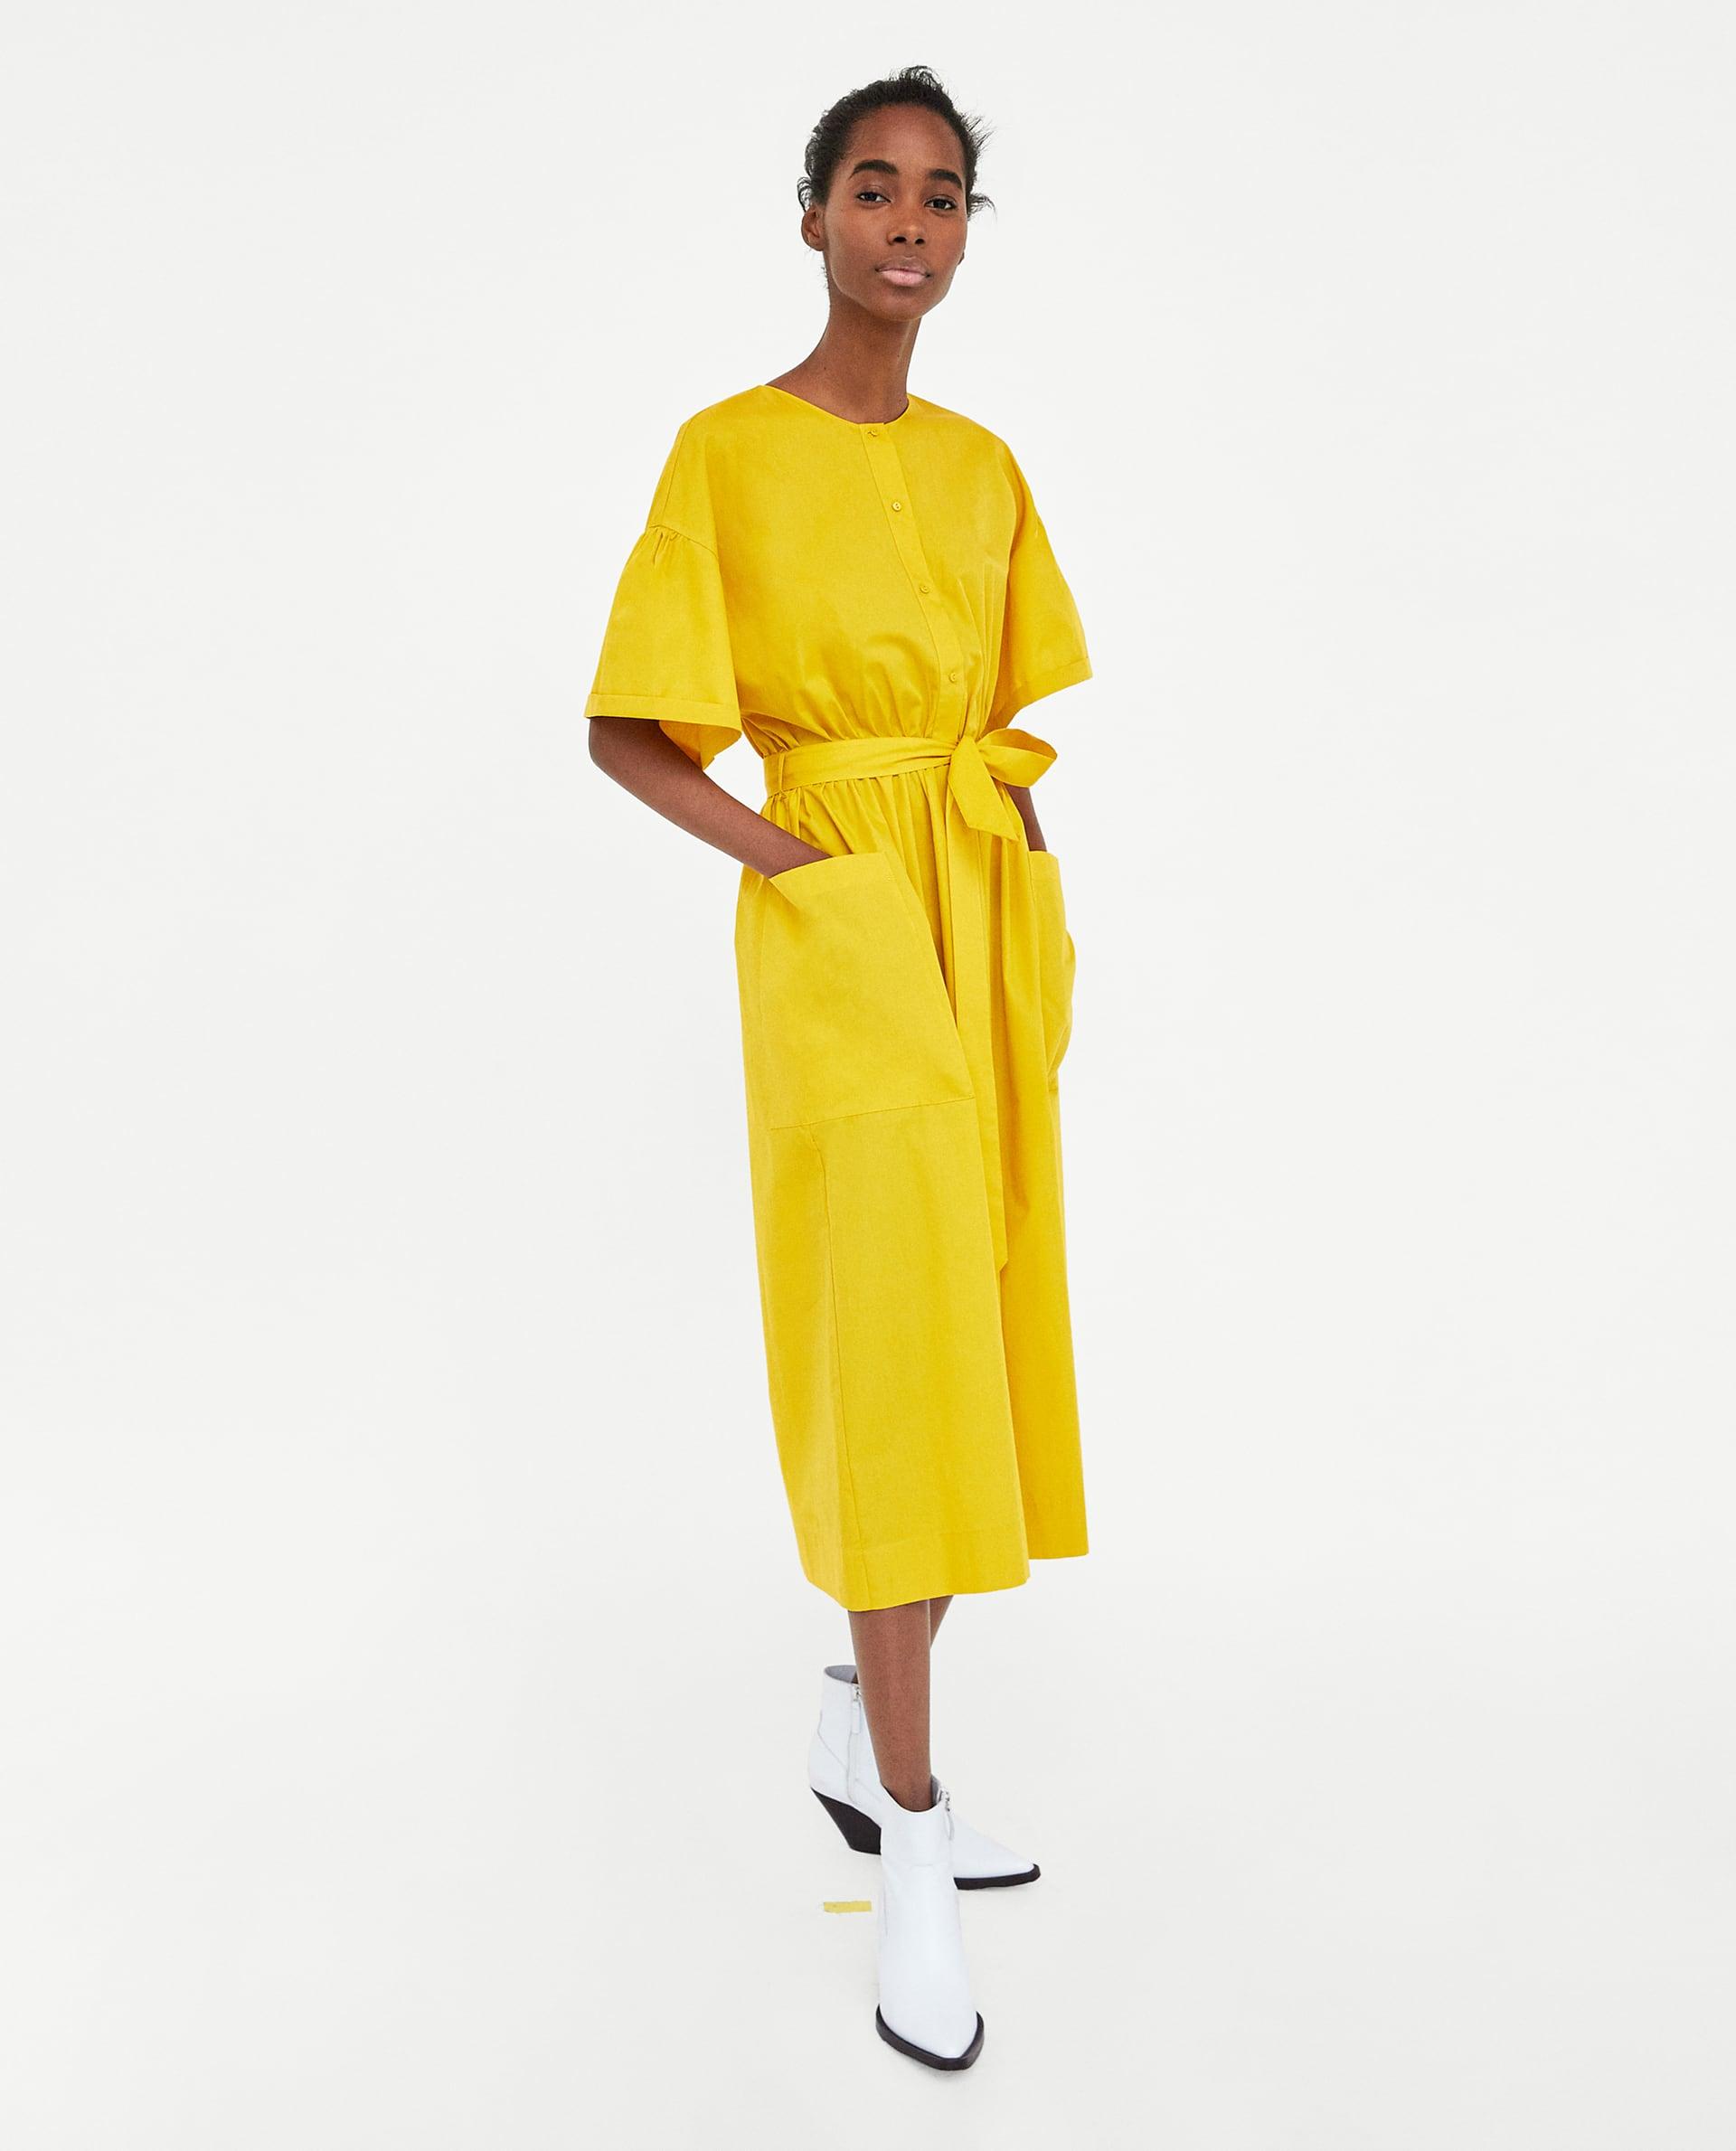 11. kép:   Sárga ruha Zara 12 995 Ft